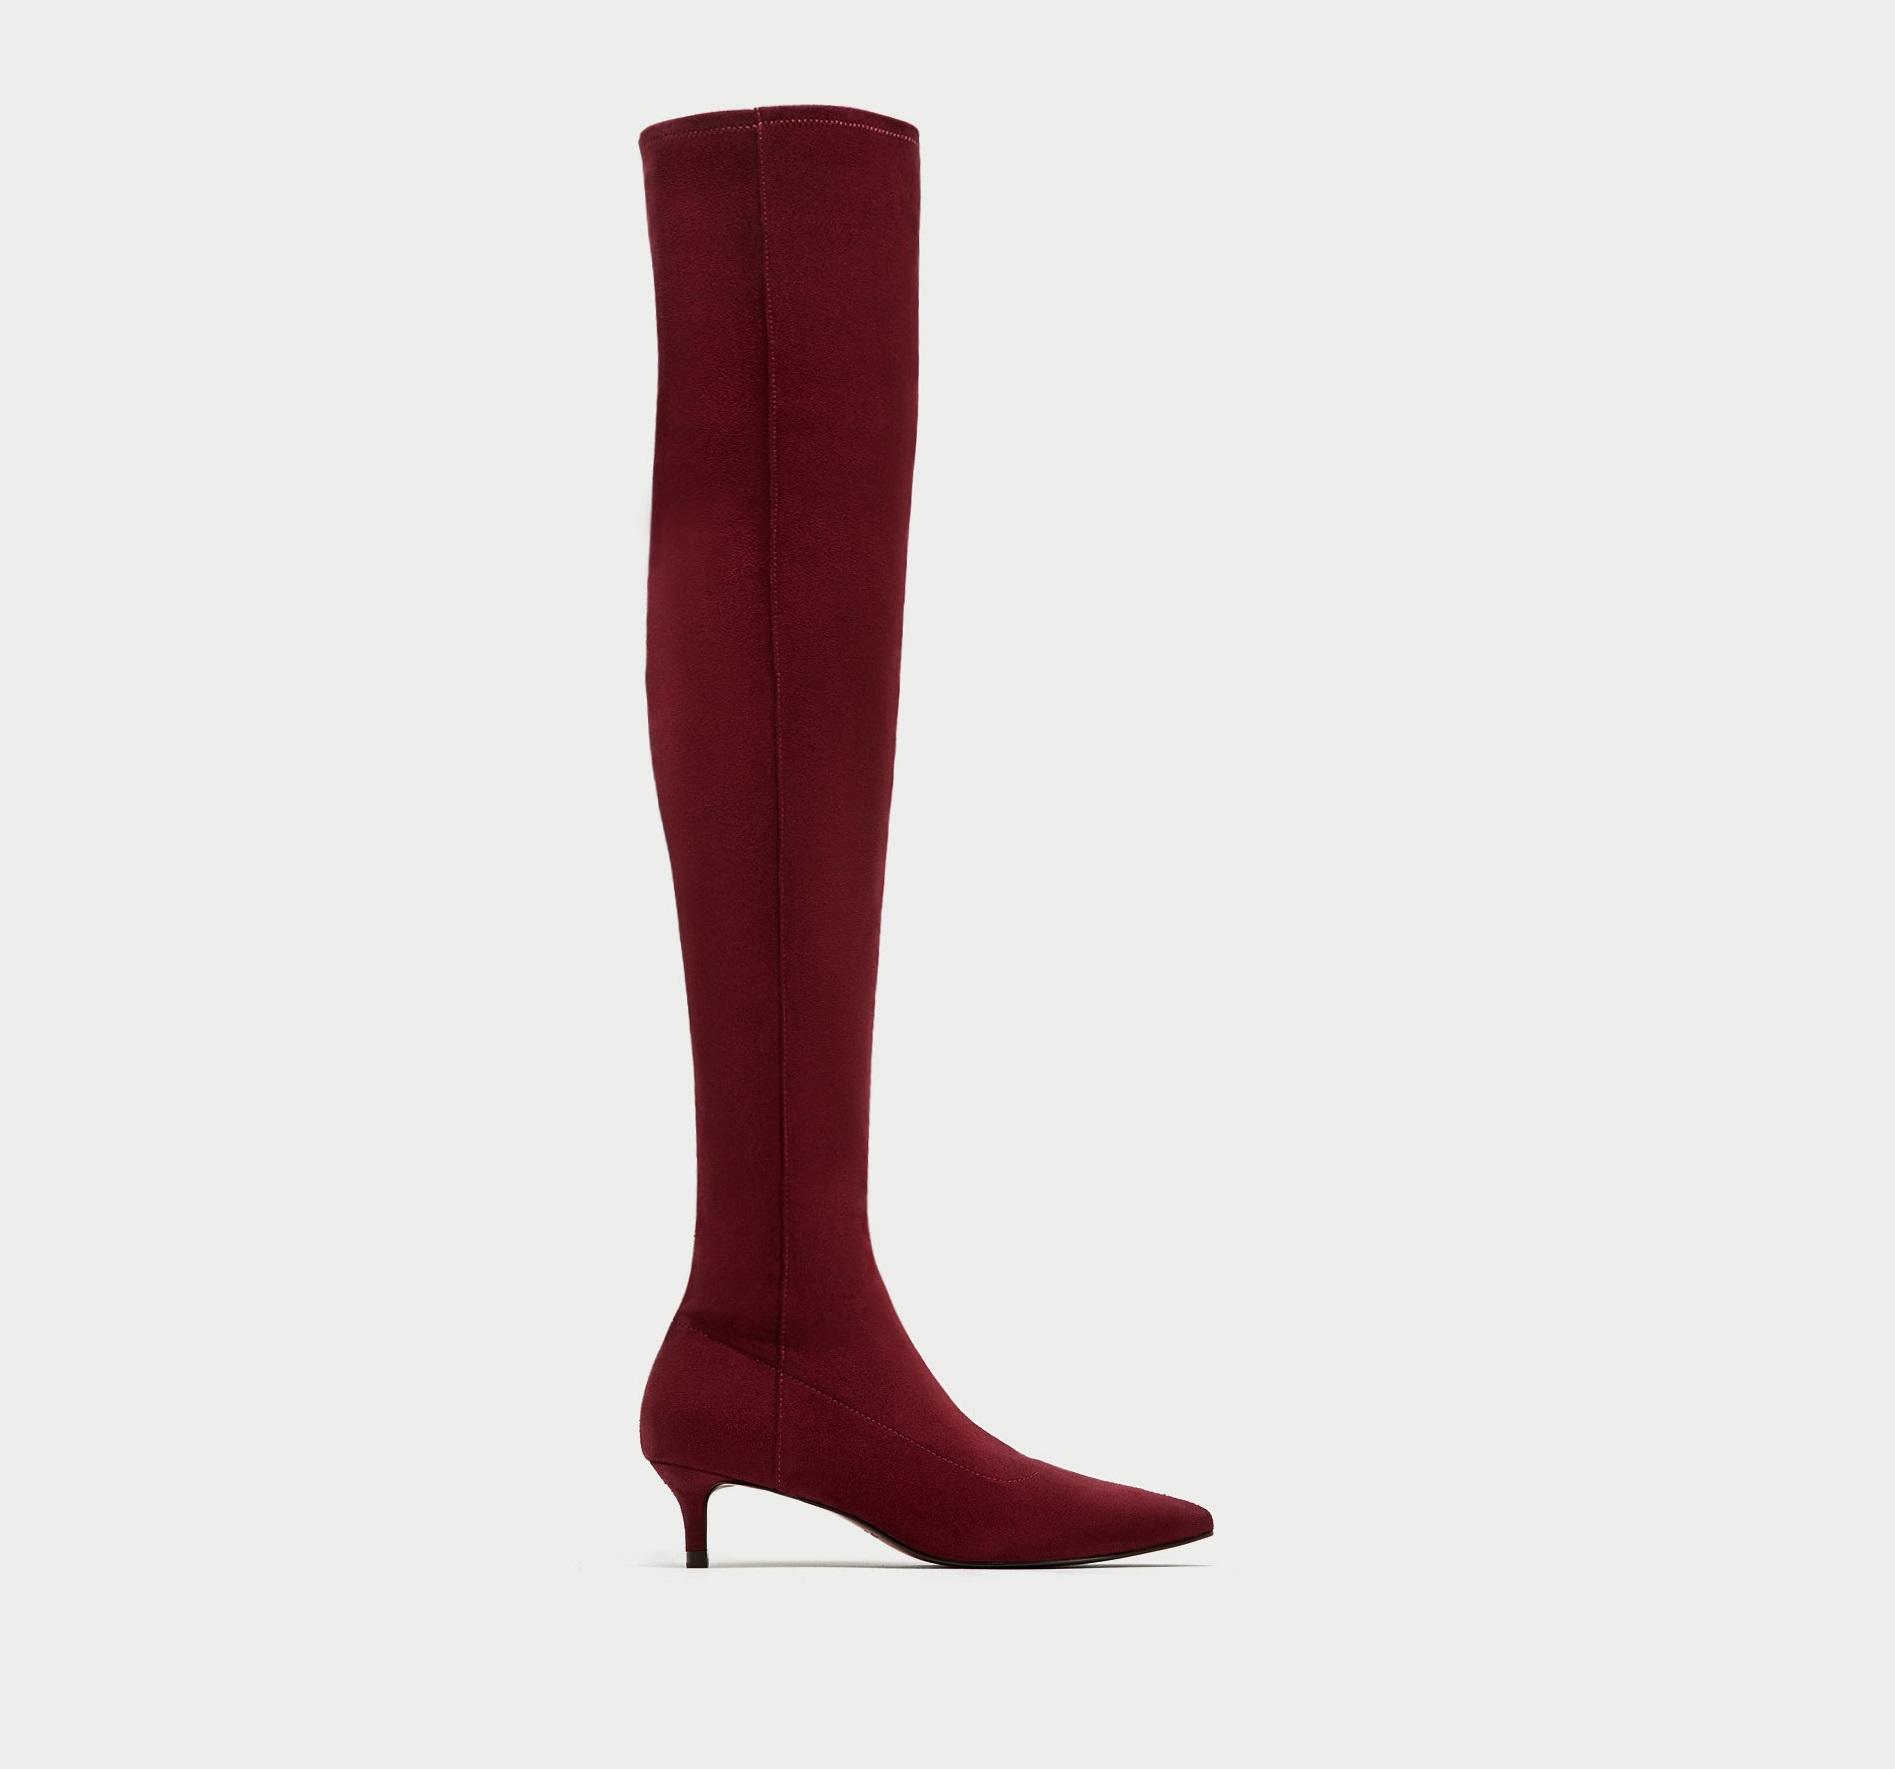 Stivali cuissard a calza Zara